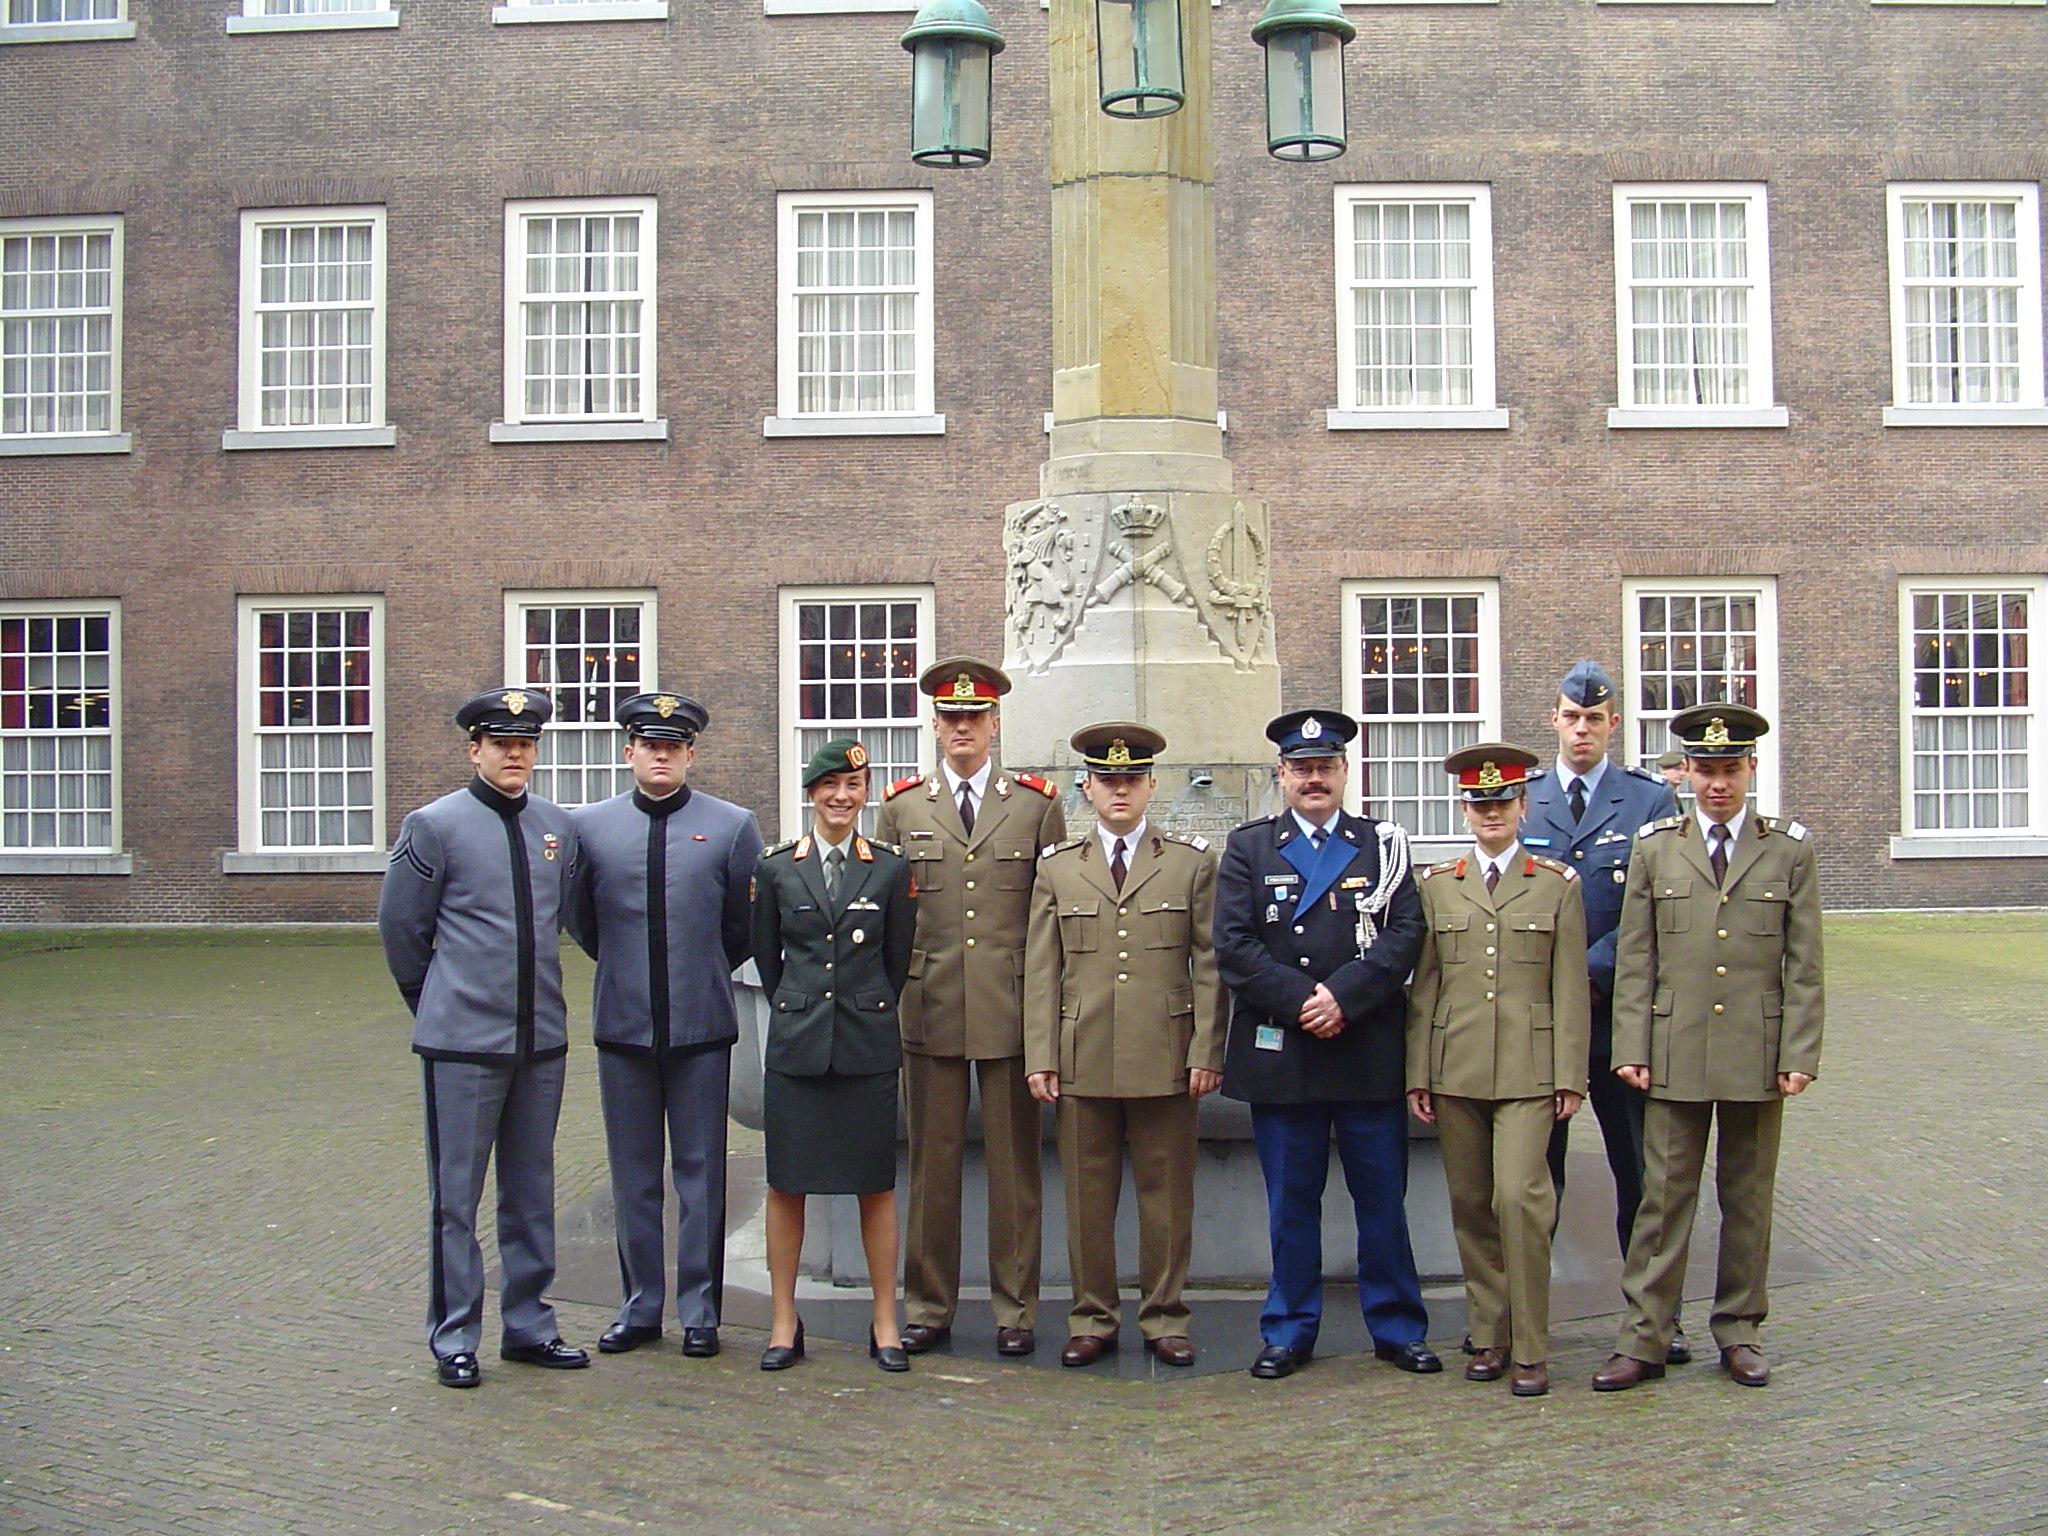 Vizită de studii în Olanda, împreună cu cadeți olandezi și americani